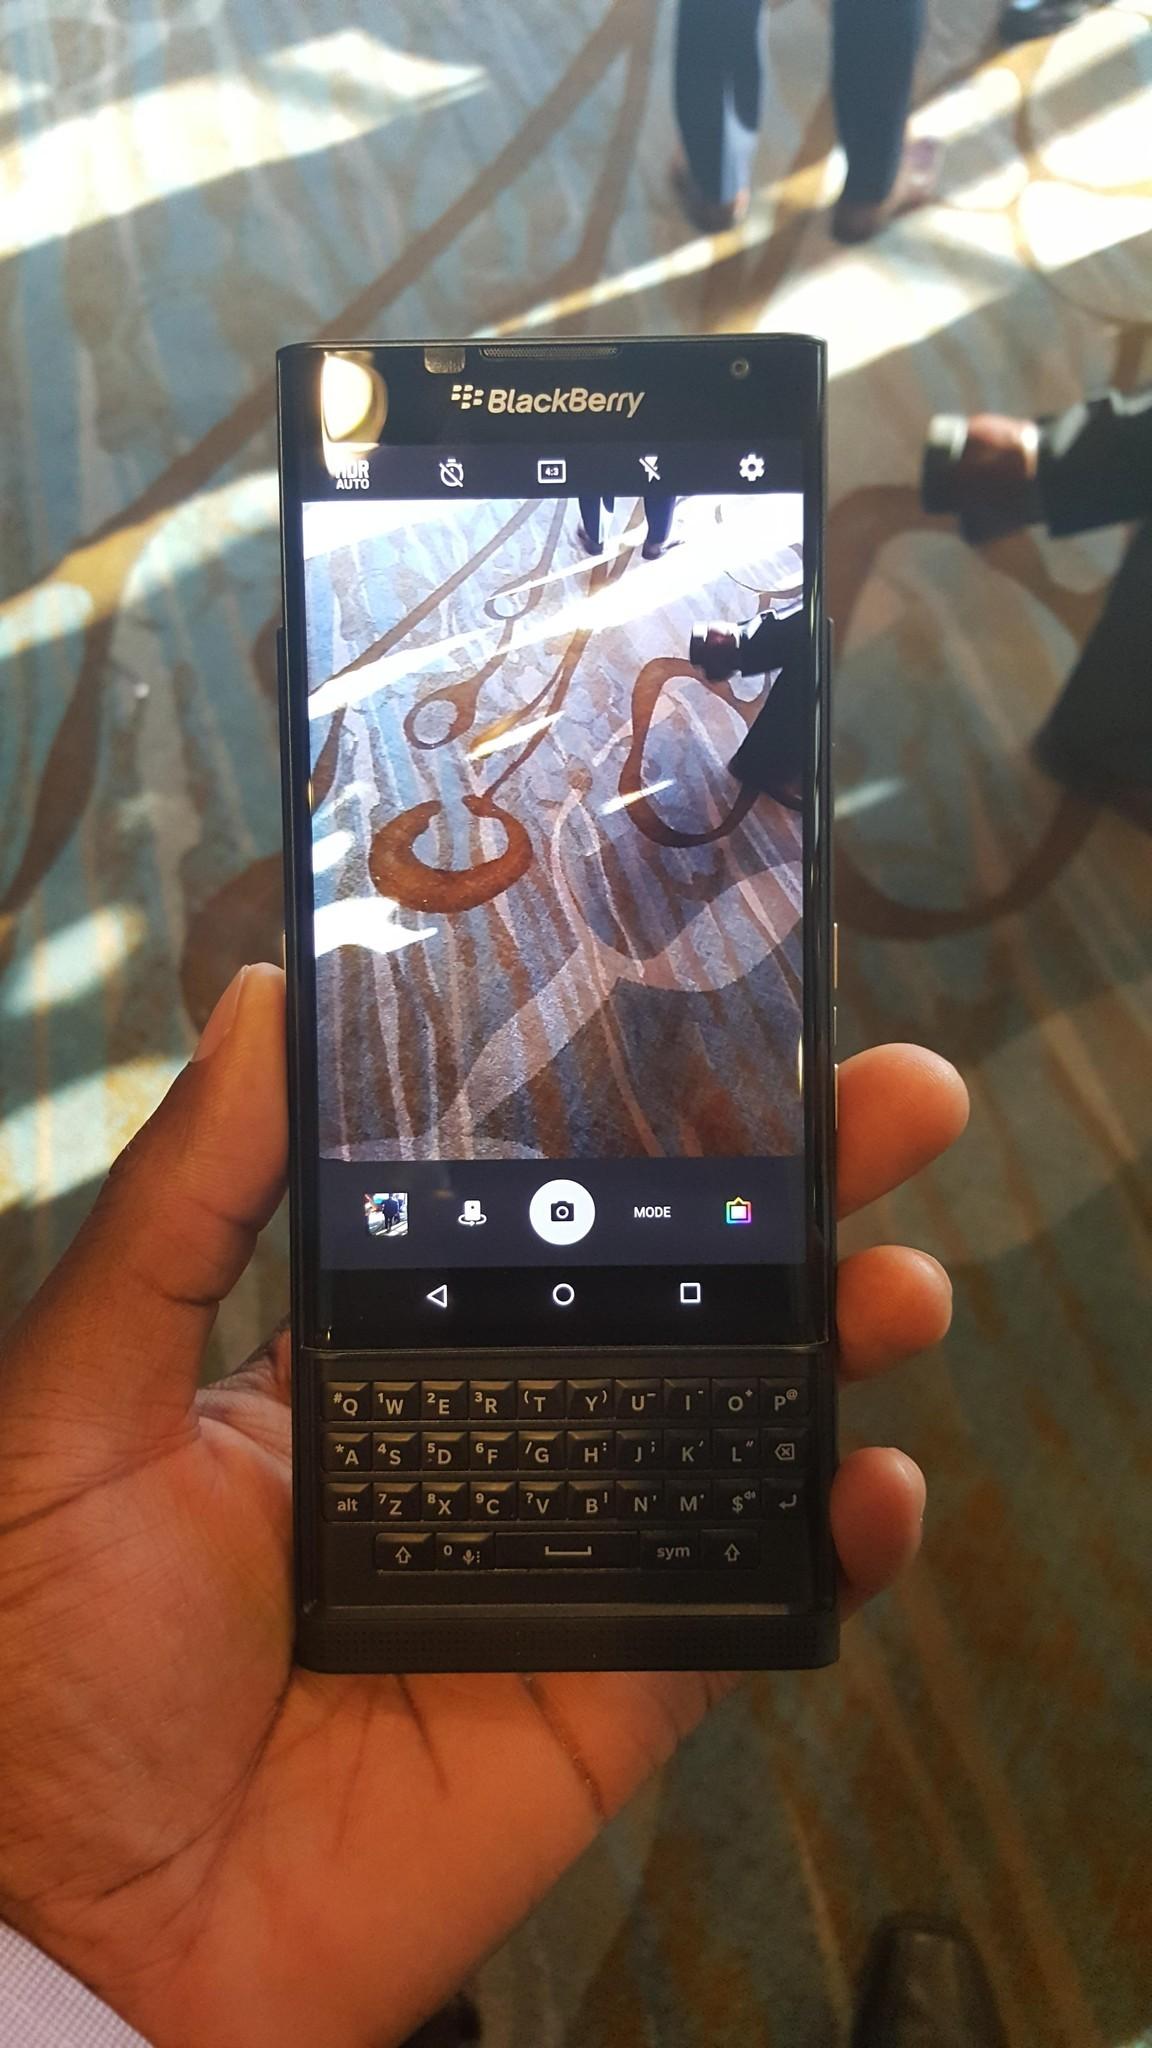 BlackBerry-Priv-Reddit-1